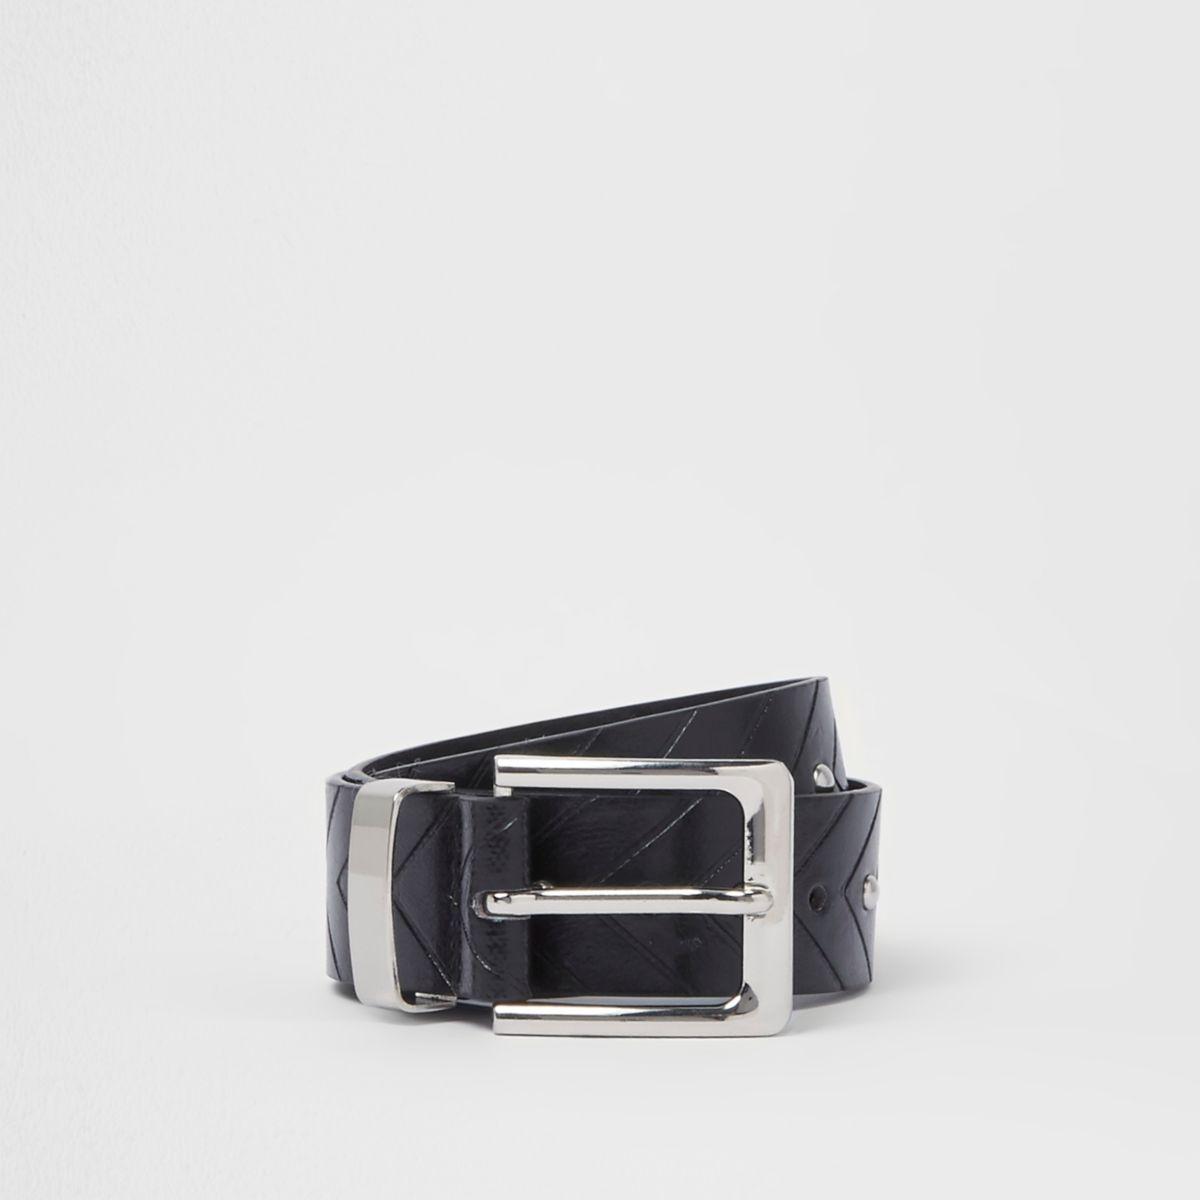 Zwarte jeansriem met pijlvormige reliëfprint en studs